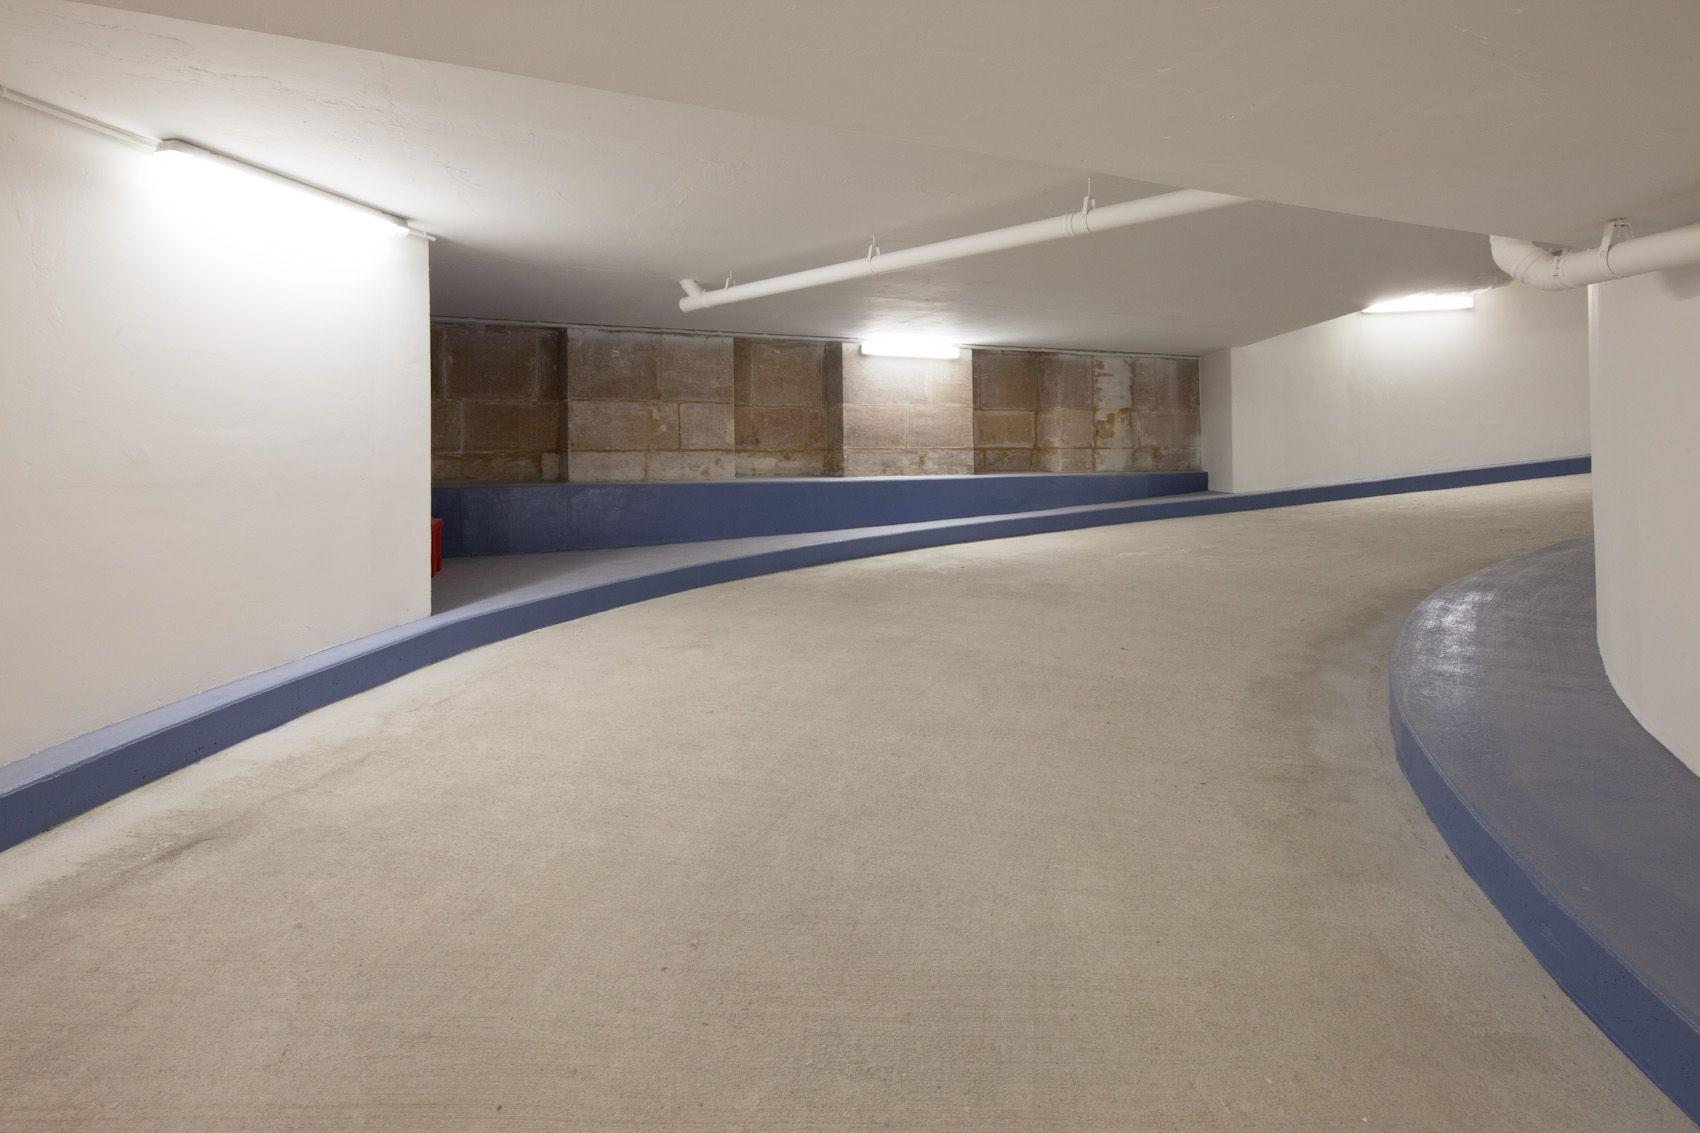 © 11h45 / Le Mistral,  Paris (75) - Jean-Jacques Ory / Photographies pour Vinci Immobilier